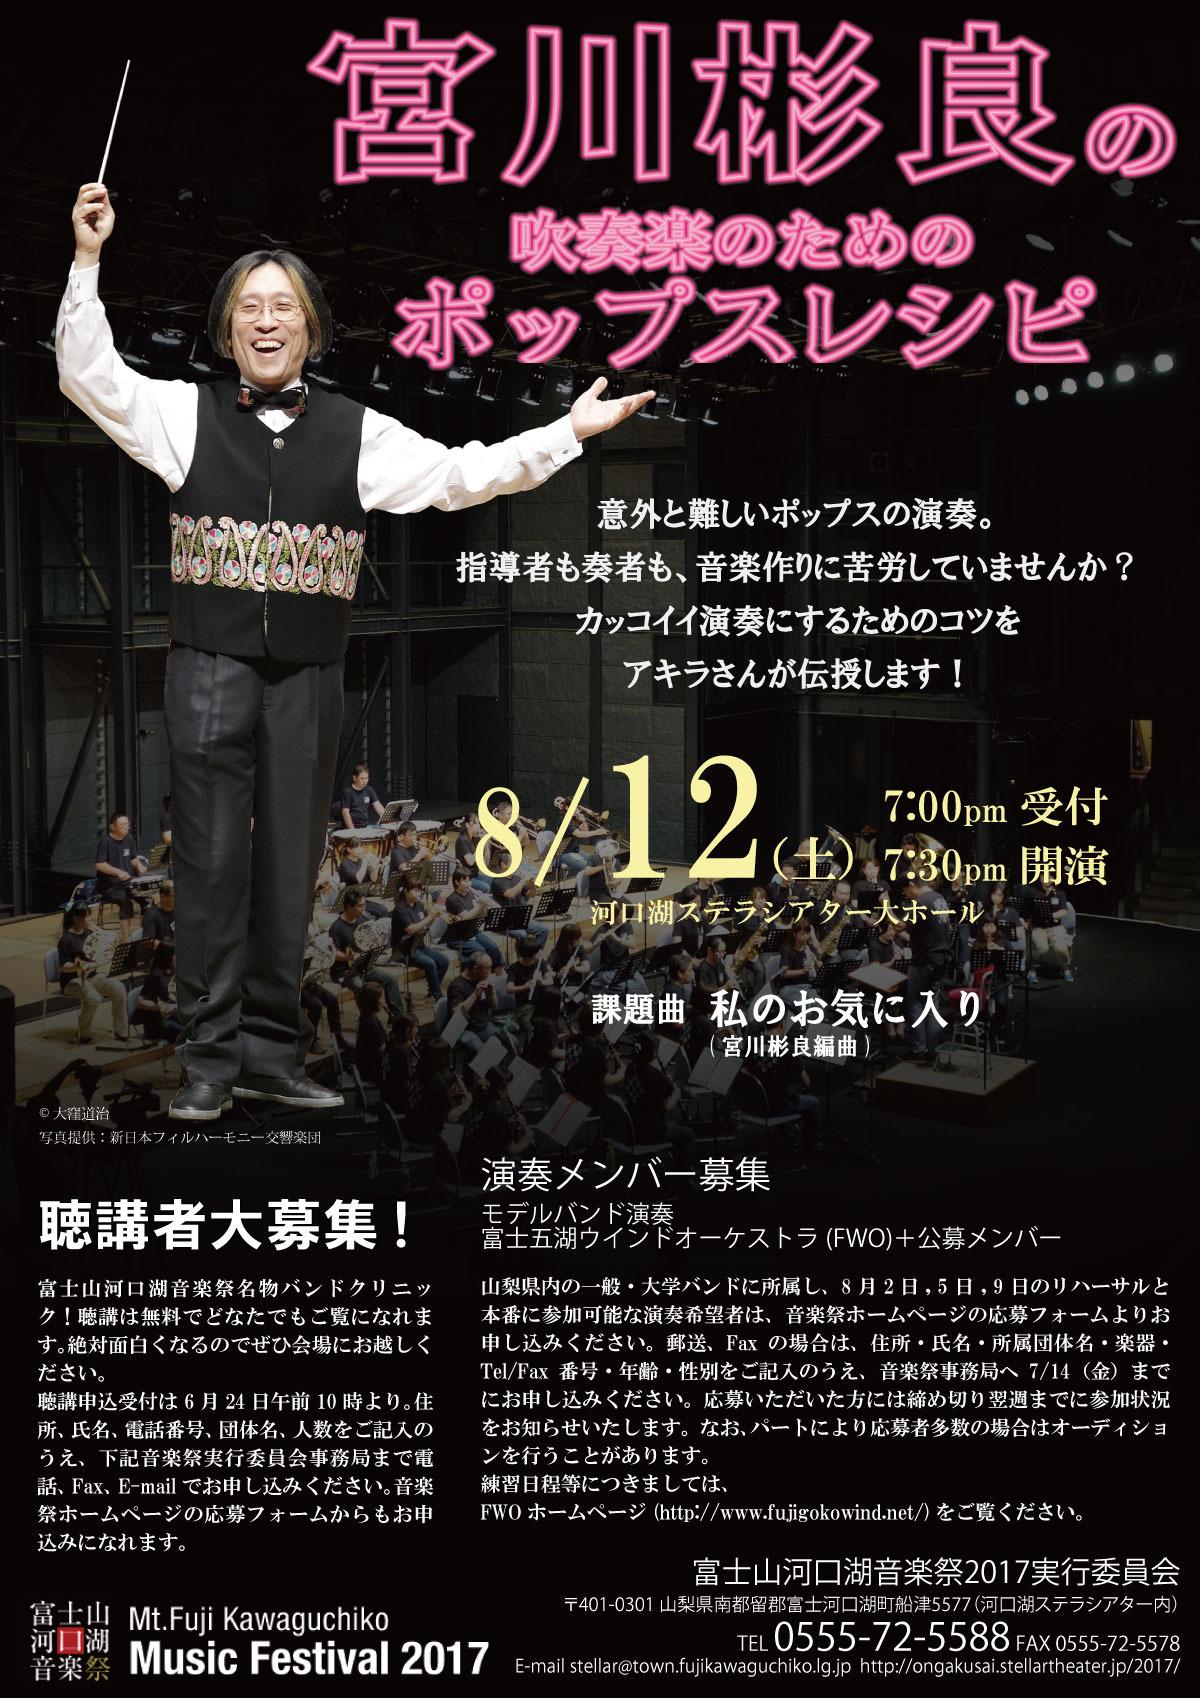 富士五湖webインデックス 壁紙 ちゃりblog 宮川彬良の吹奏楽のためのポップス レシピ